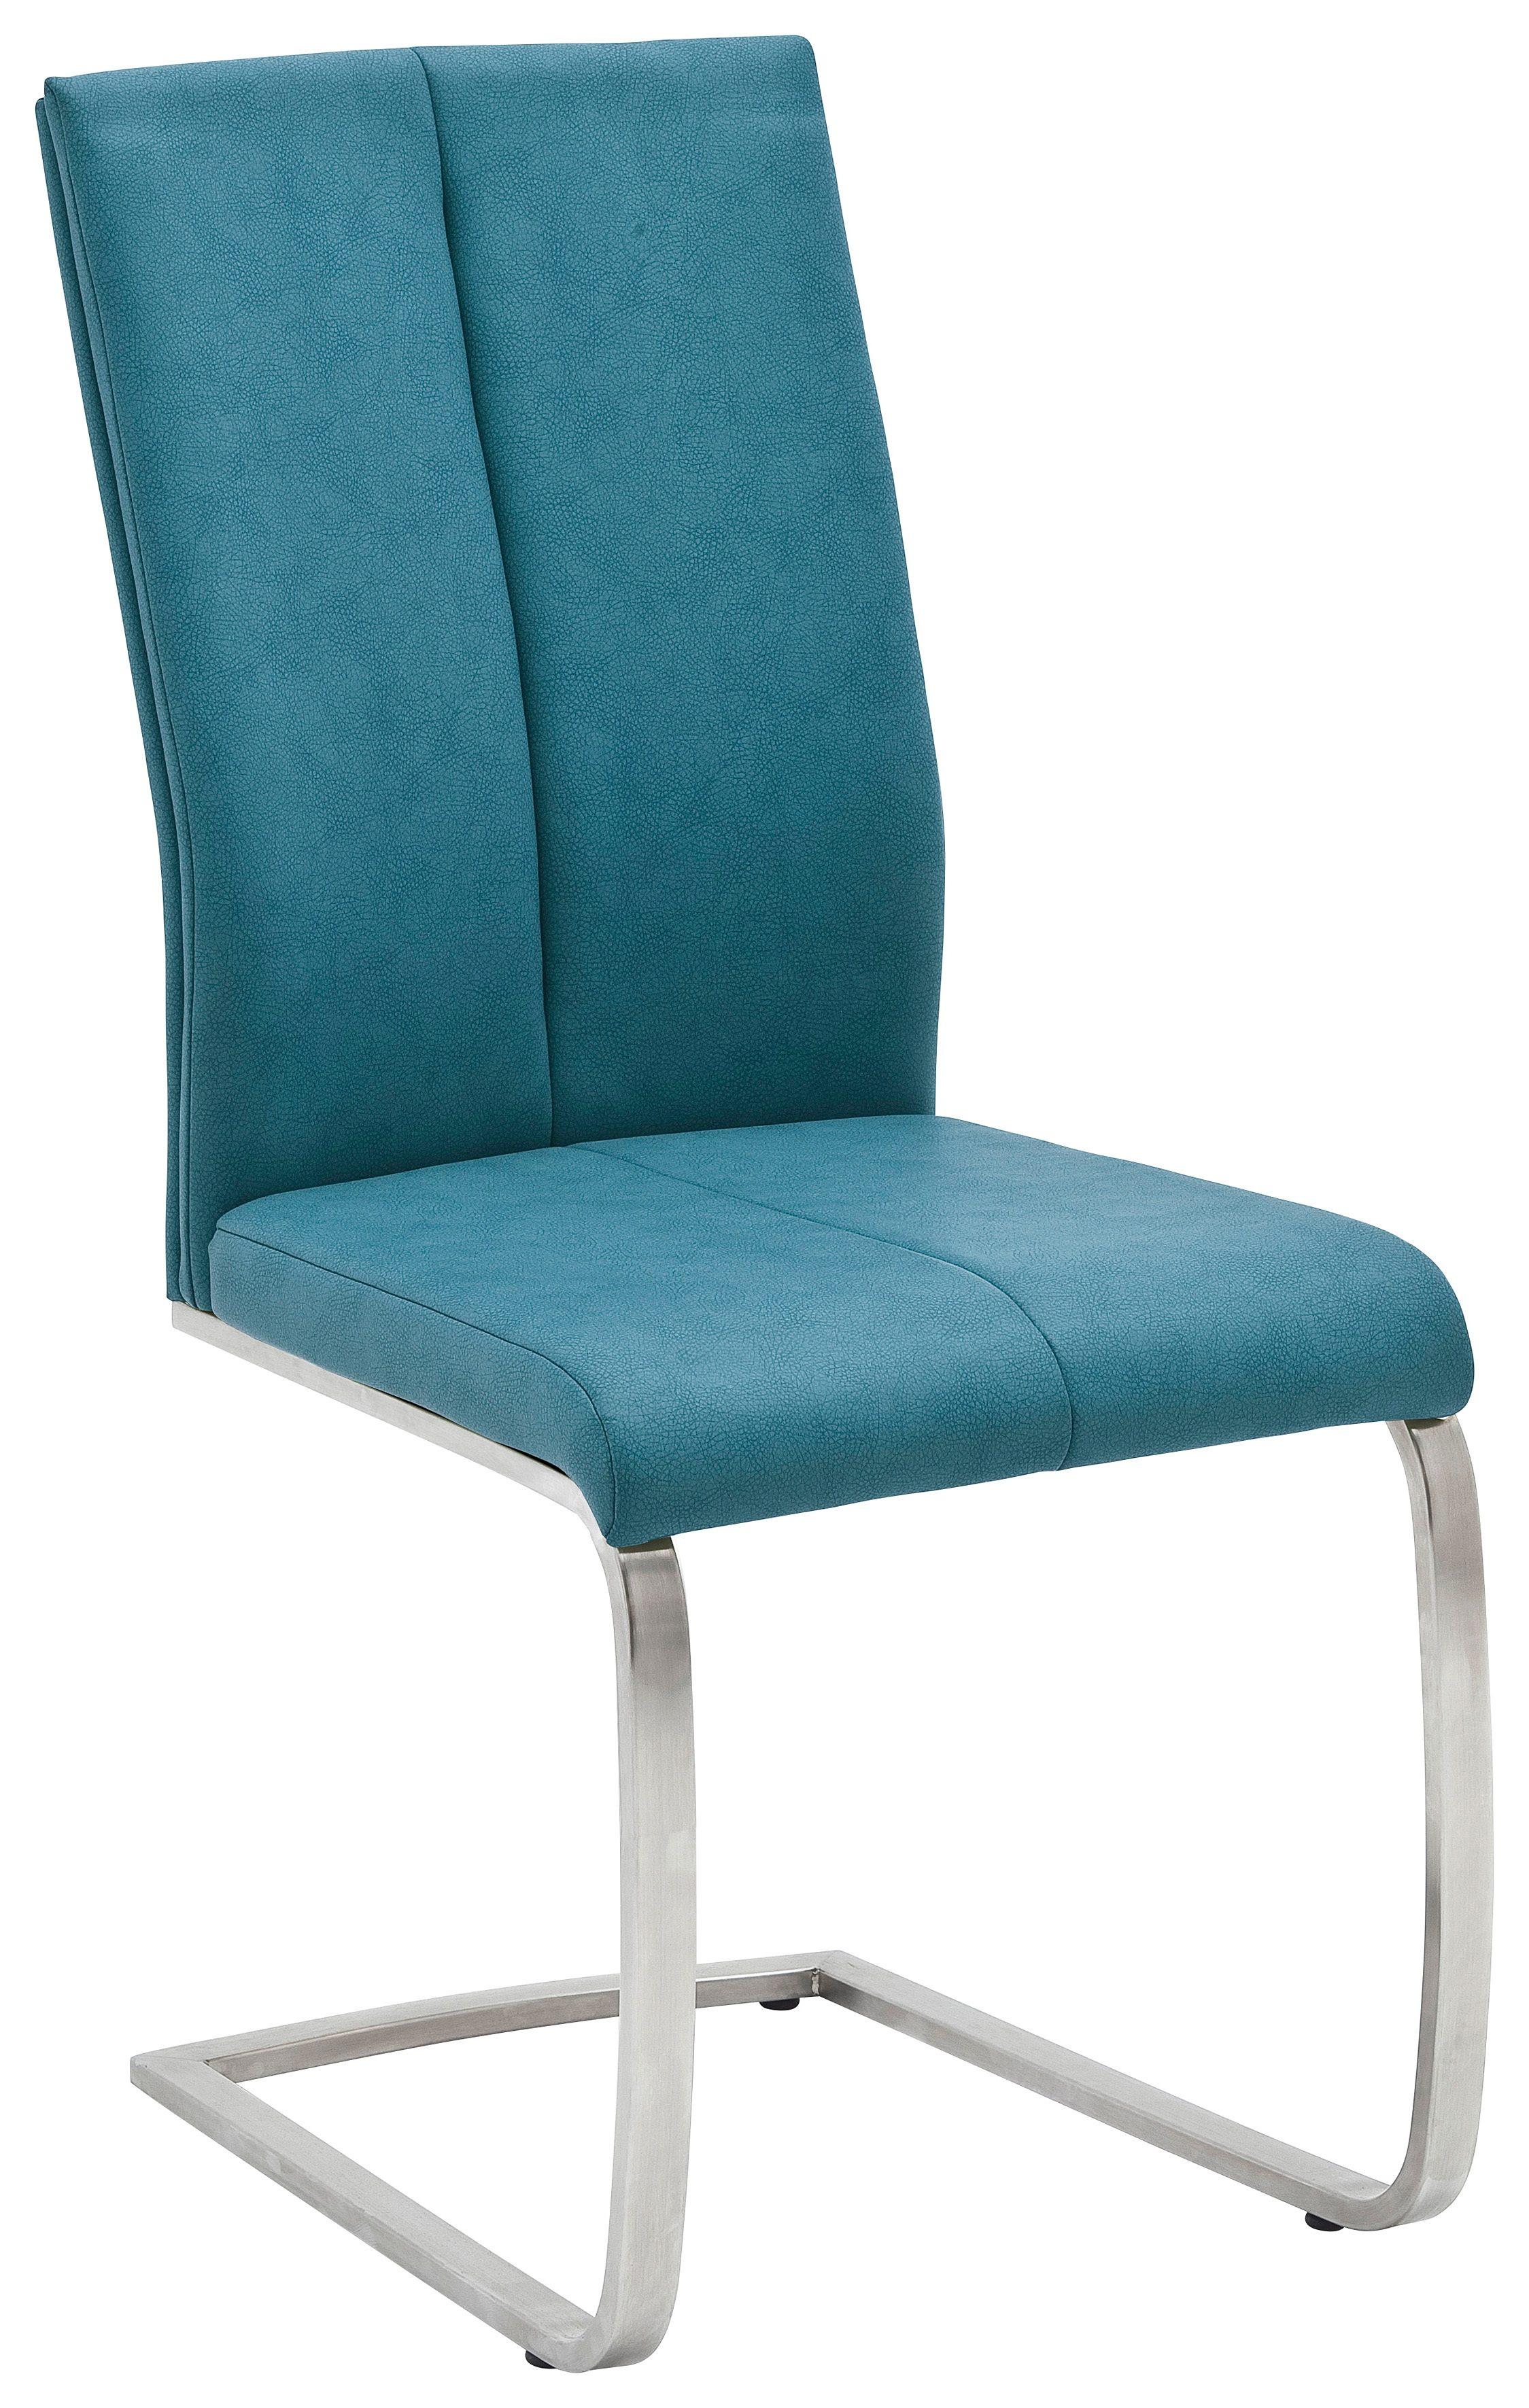 2er Set 4-Fuß-Stuhl Flores - Kunstleder Petrol